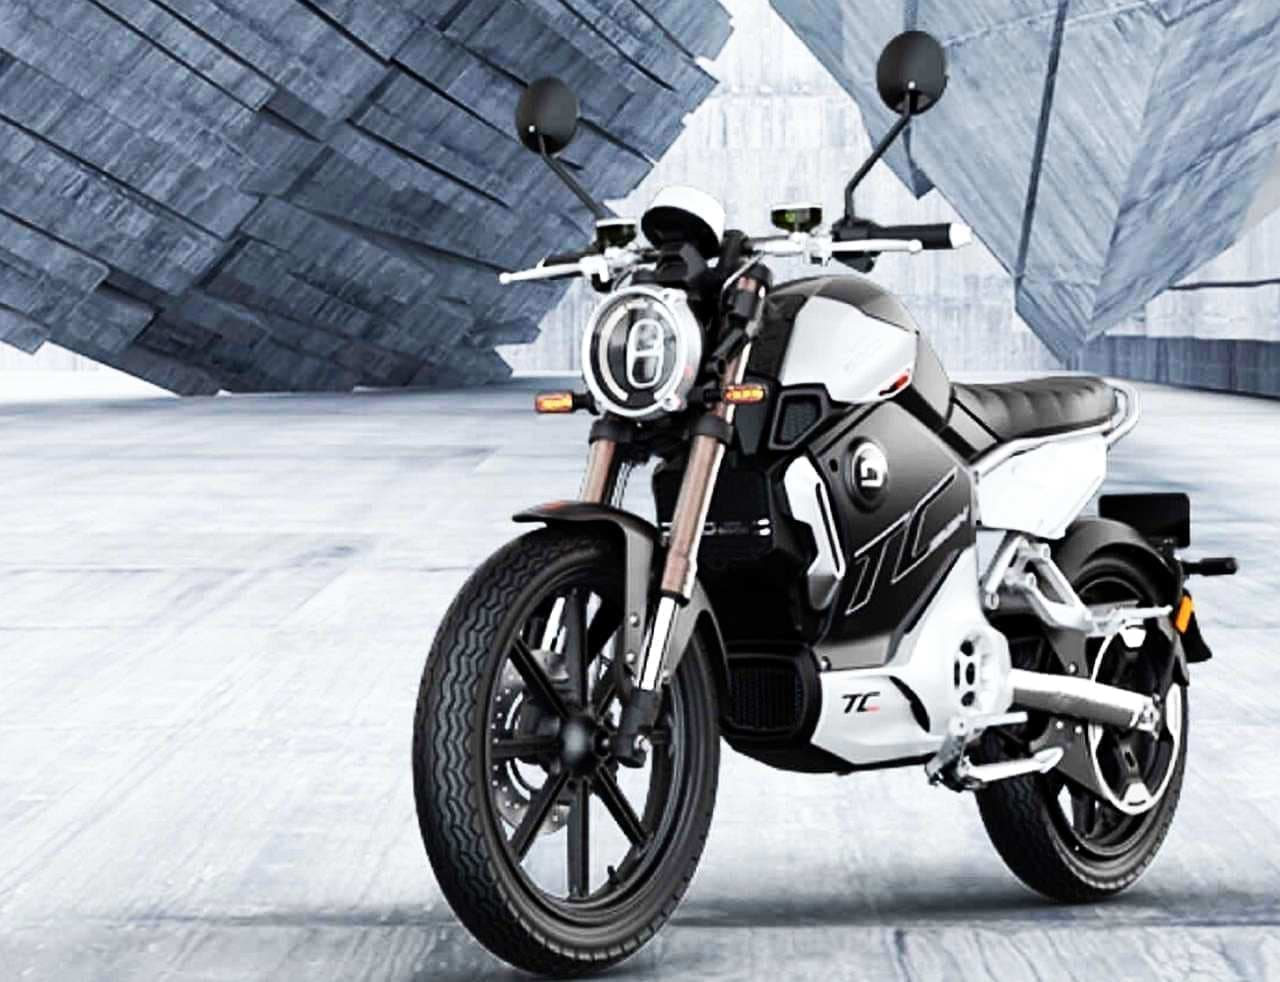 カフェレーサースタイルの電動バイク「TC MAX」 日本発売 ― 電動バイクブランドXEAMから [えん乗り]